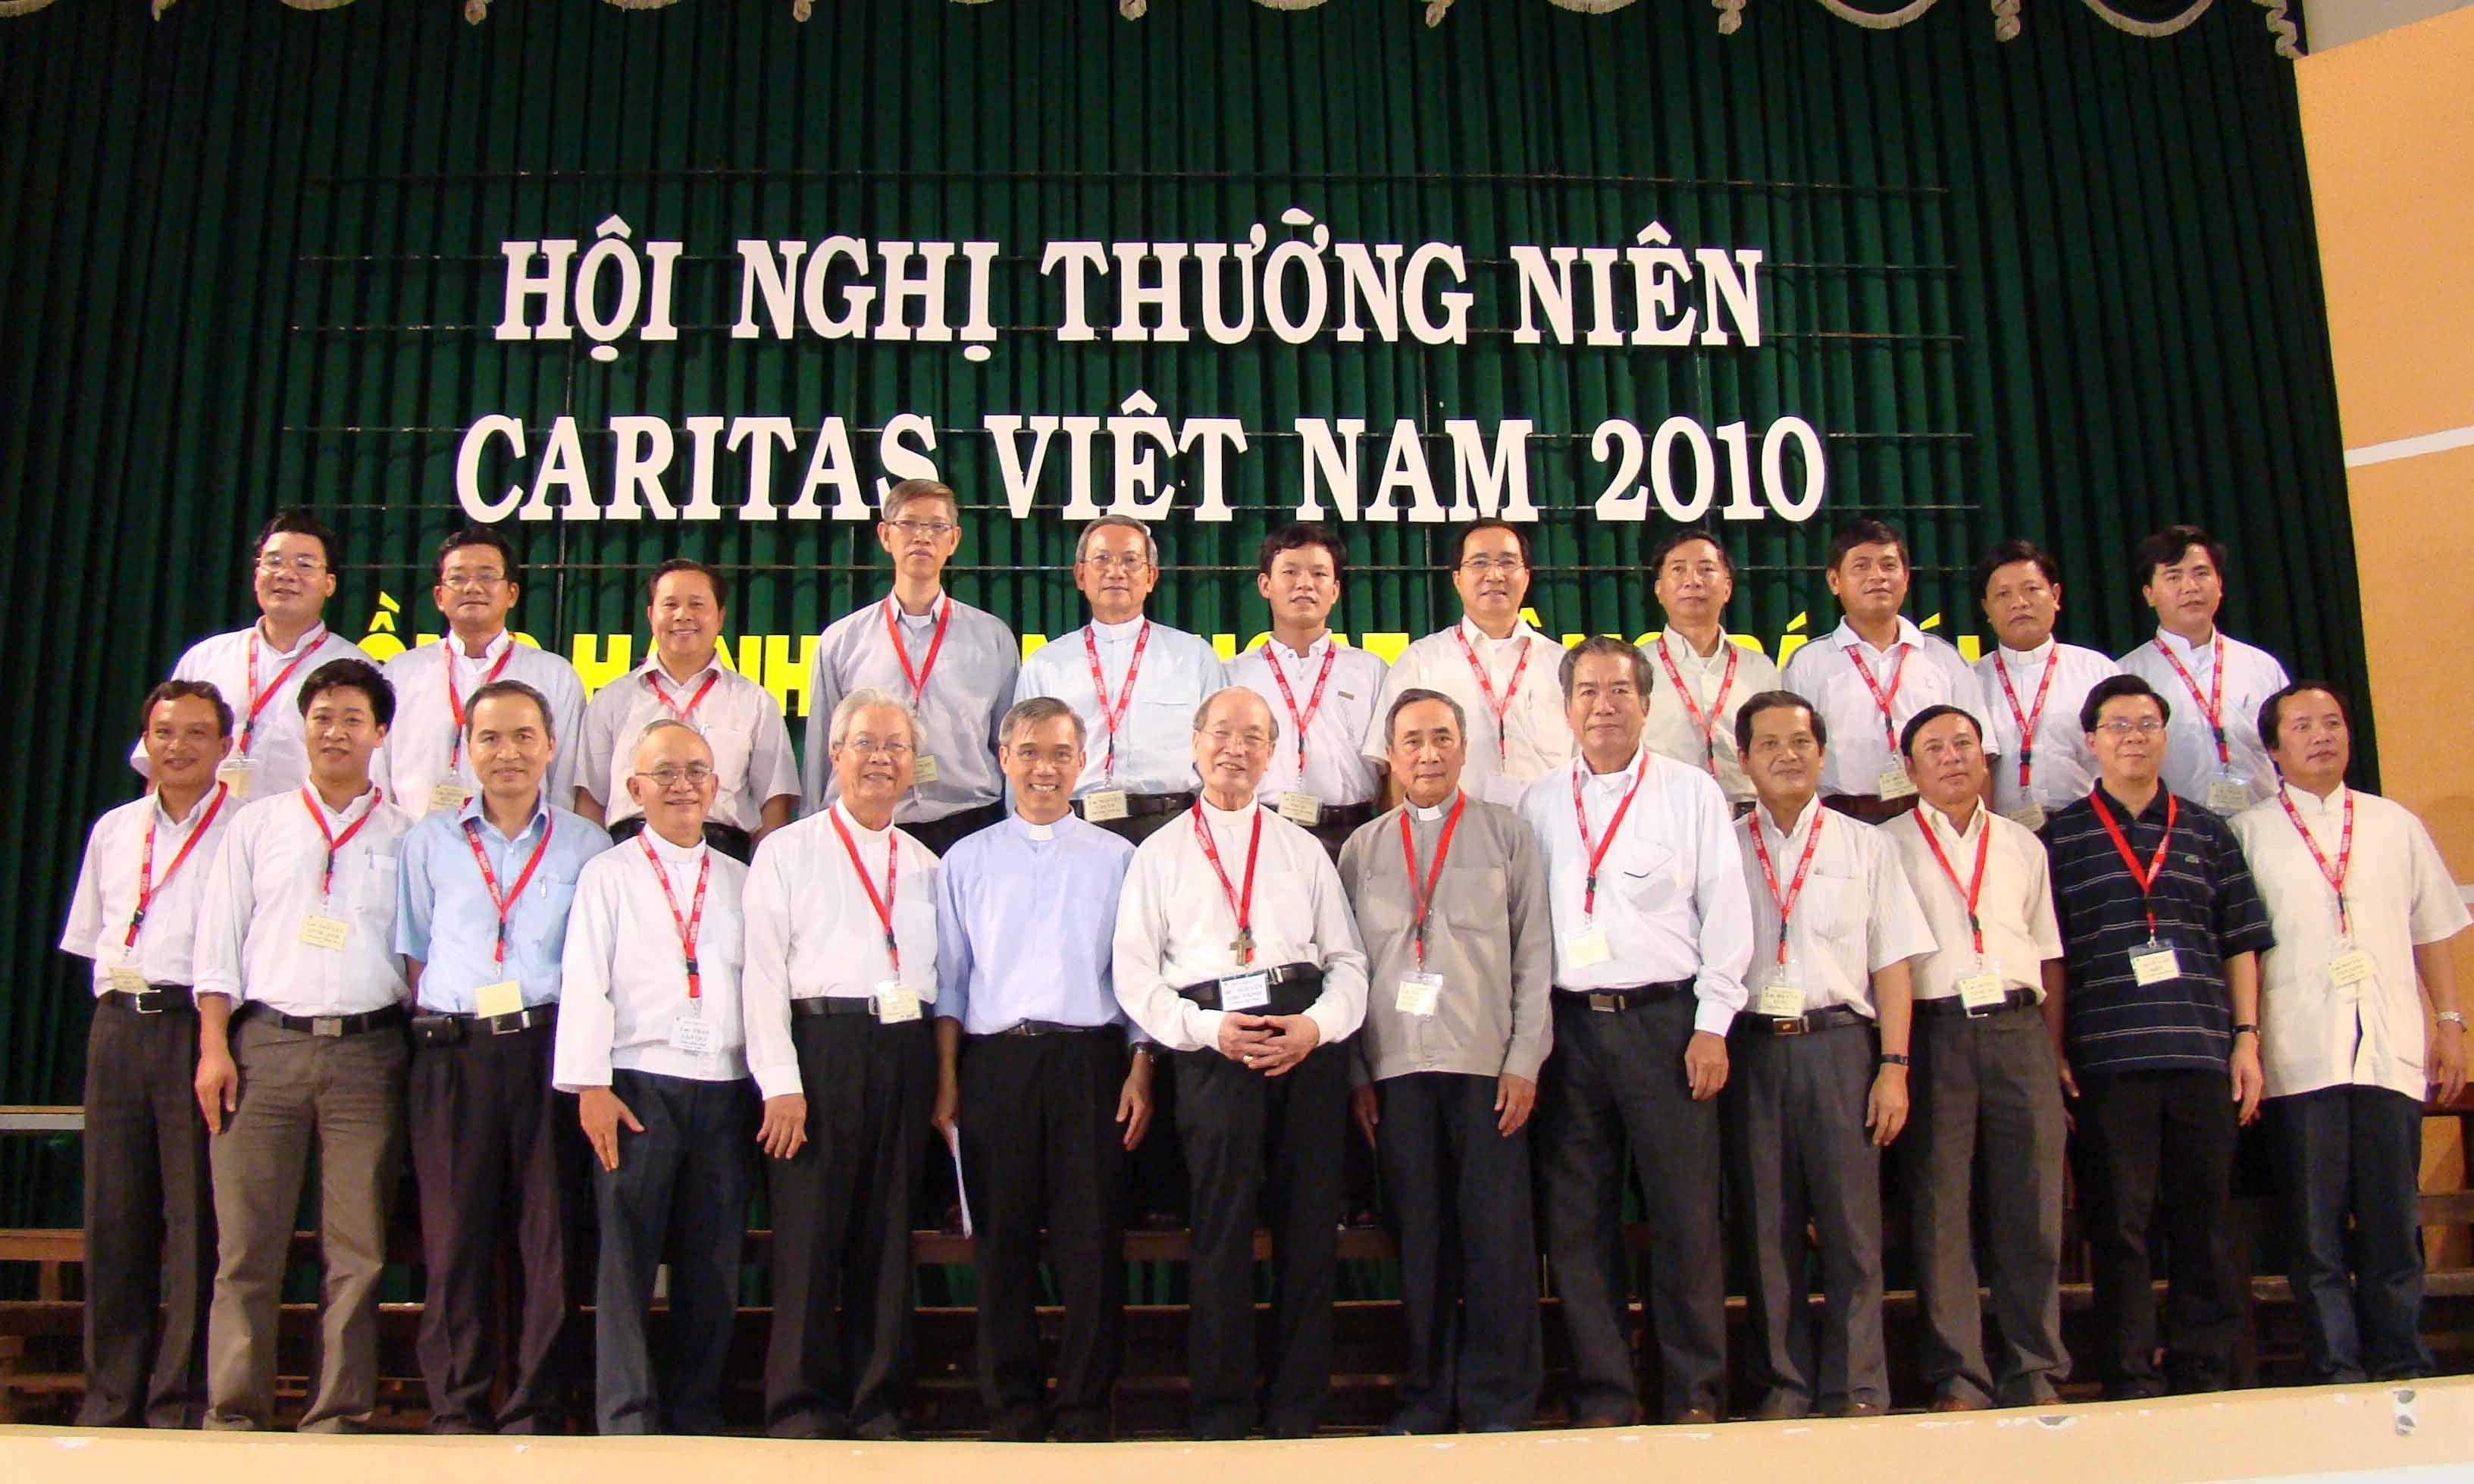 Caritas Việt Nam: HNTN 2010